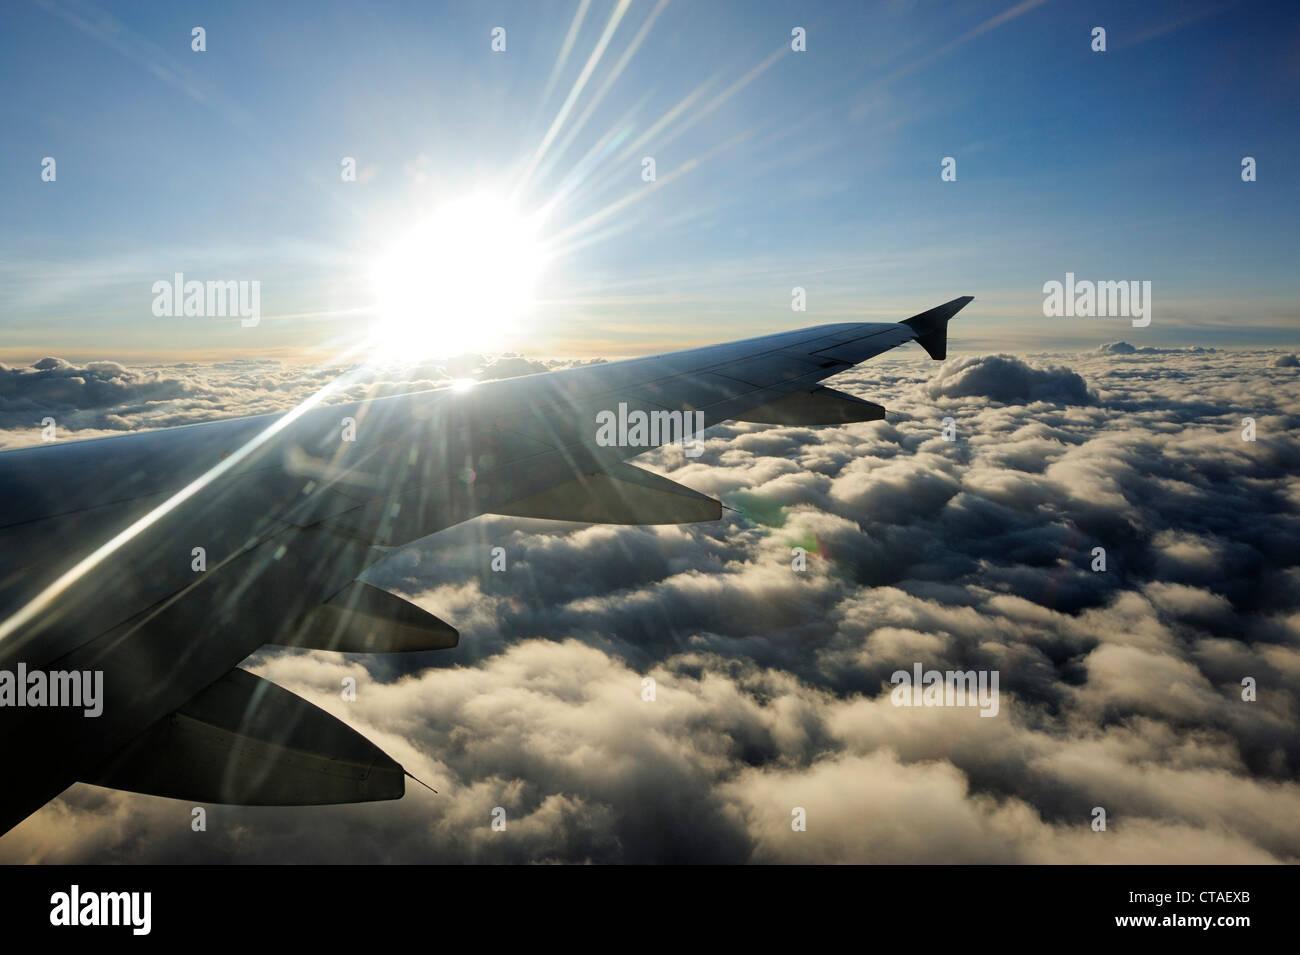 Sun sopra le nuvole con l'ala del velivolo, il volo da Delhi a Leh, Ladakh, Jammu e Kashmir India Immagini Stock